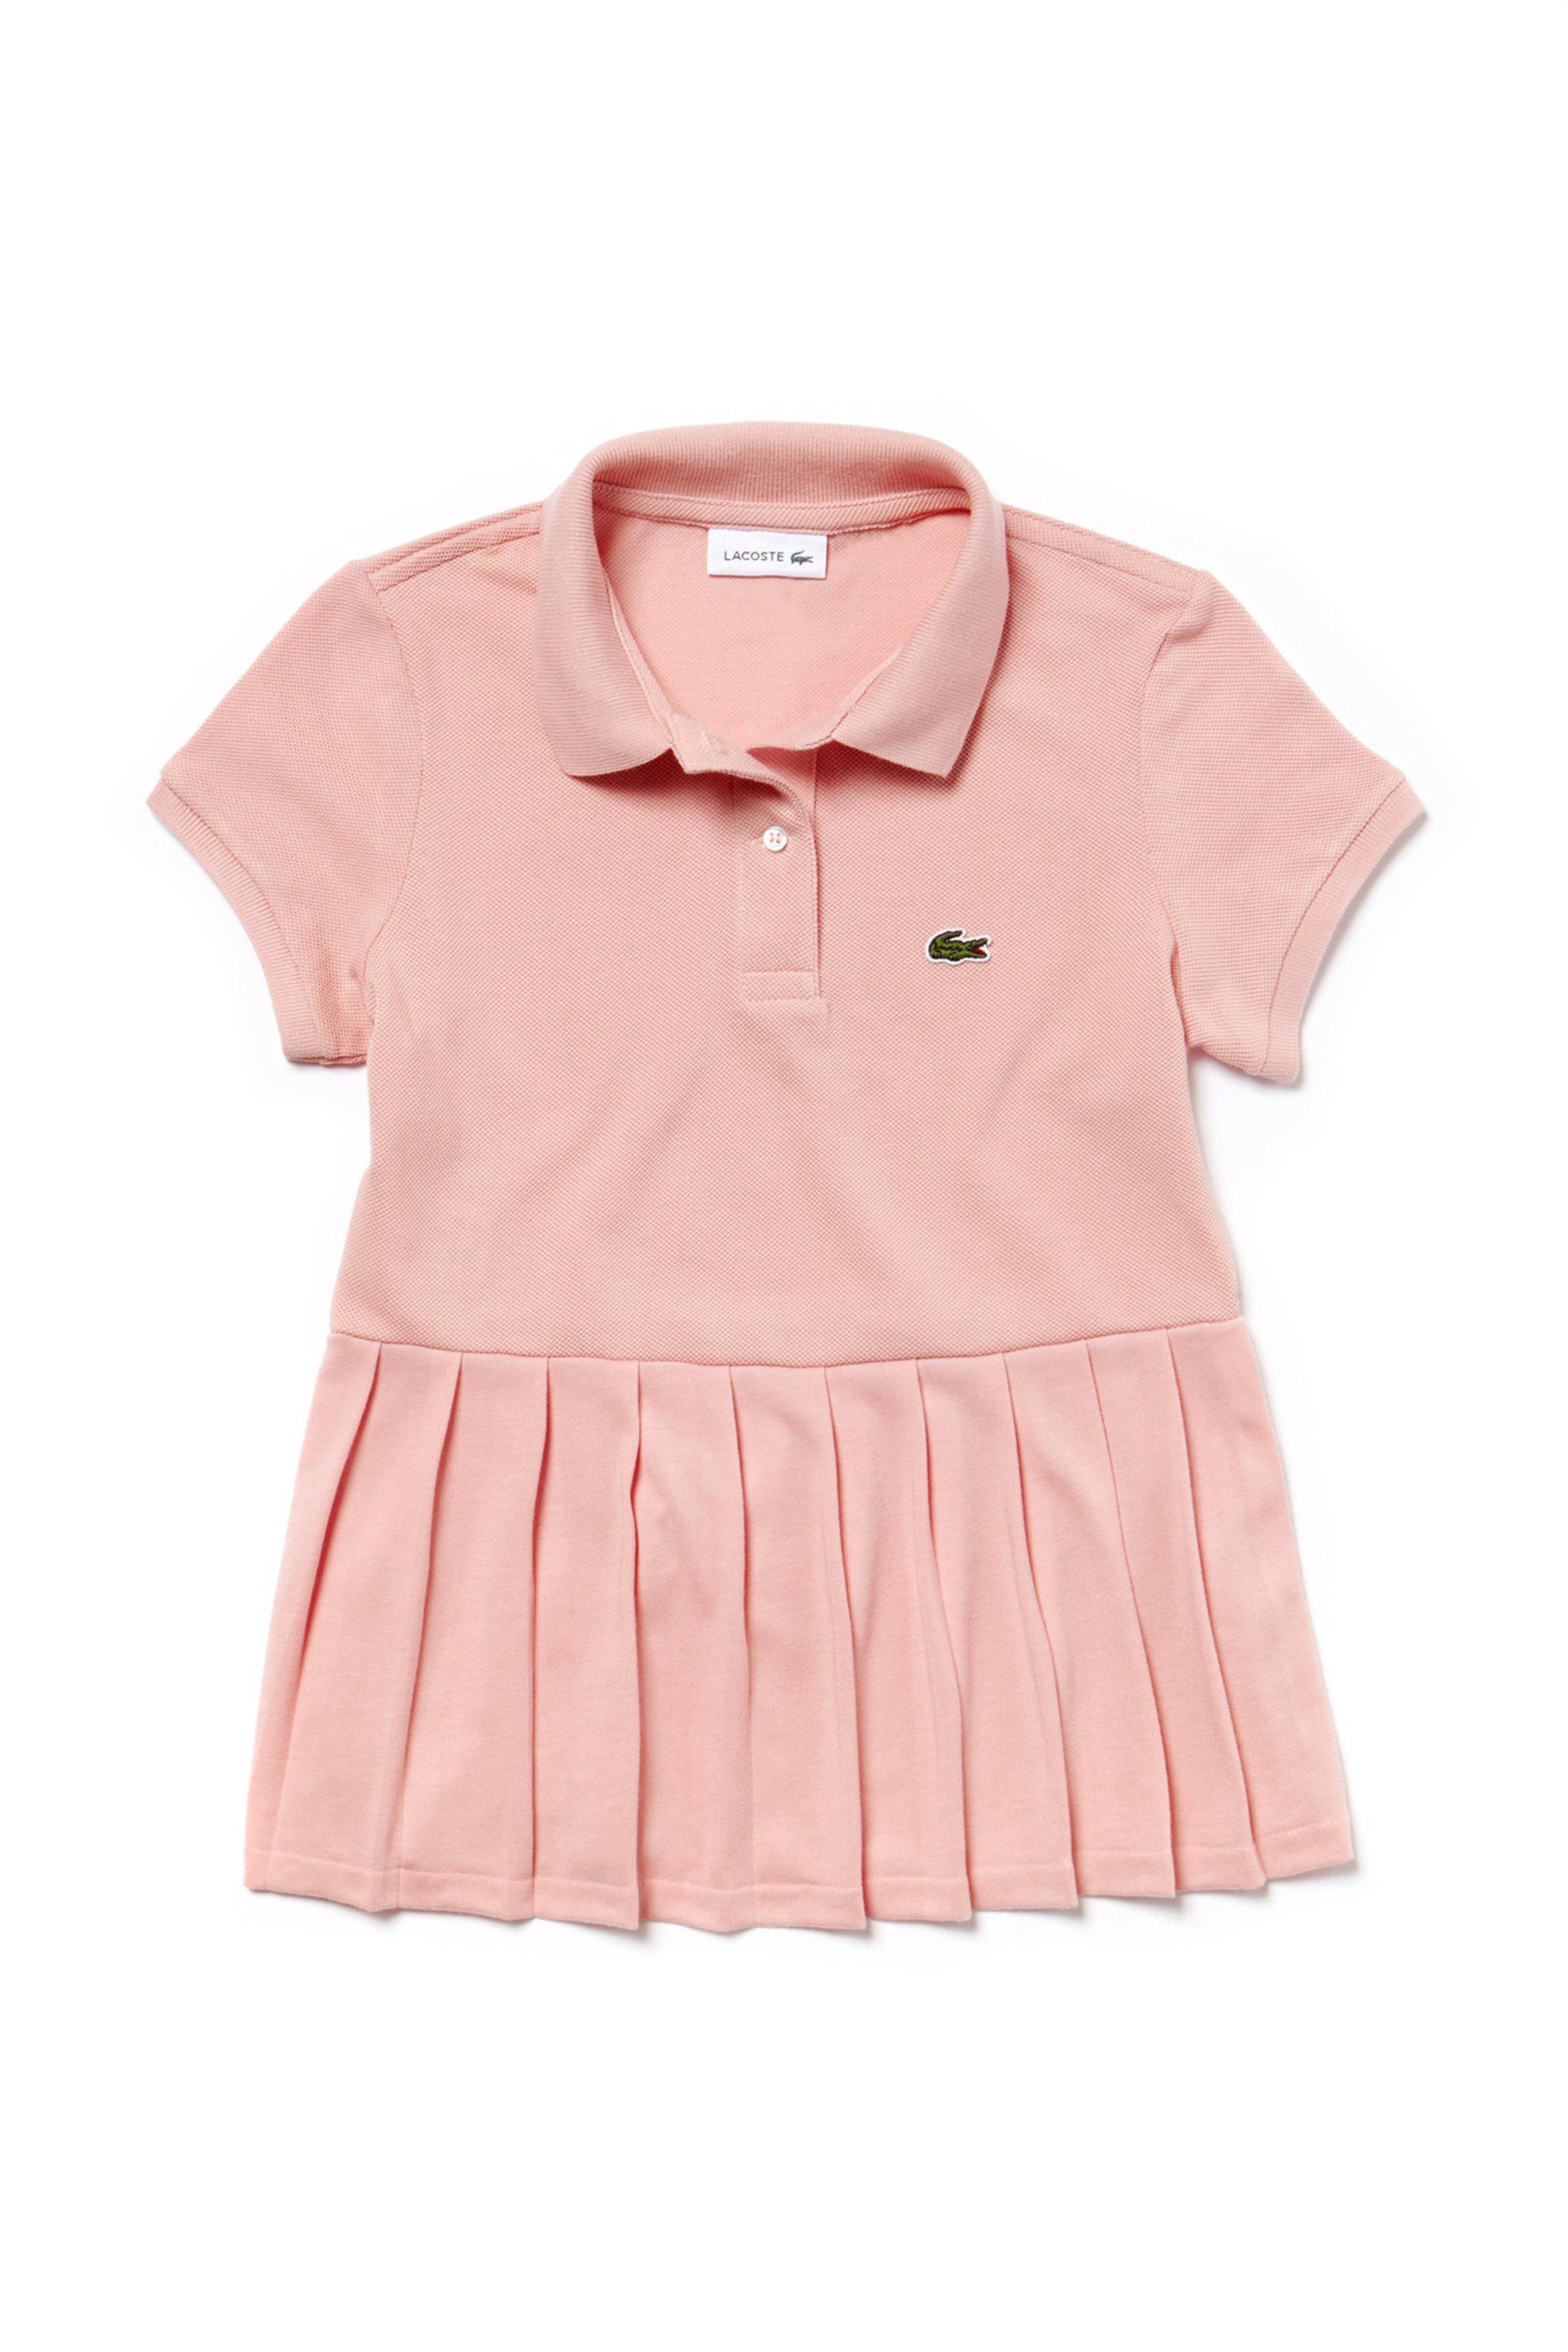 1048ded68b23 Notos Παιδική μπλούζα polo με πιέτες Lacoste - PJ2925 - Σομον